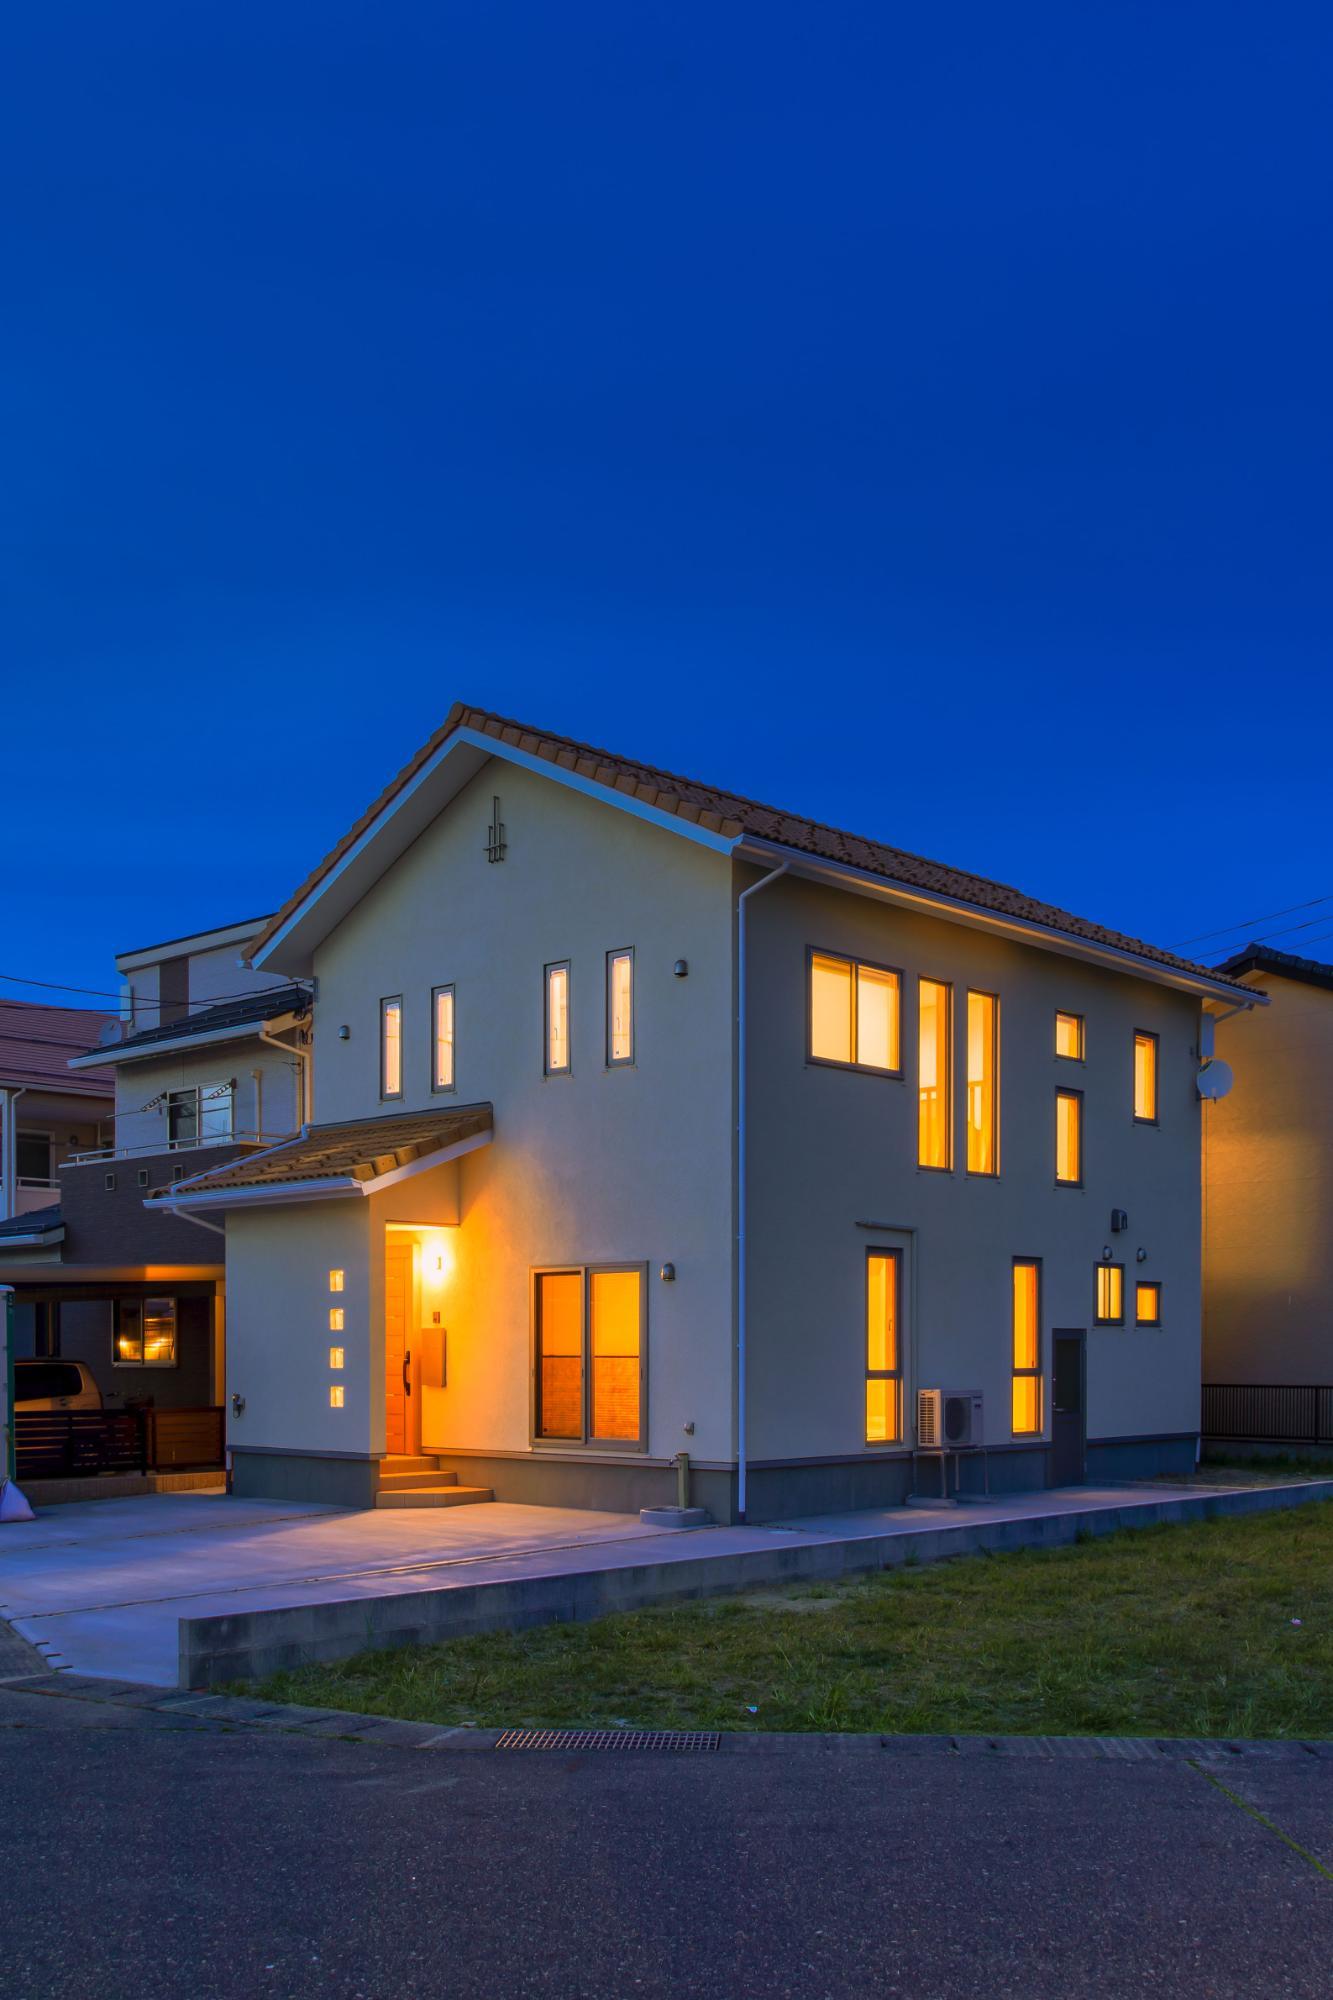 家族が元気に暮らせる省エネの家の写真2